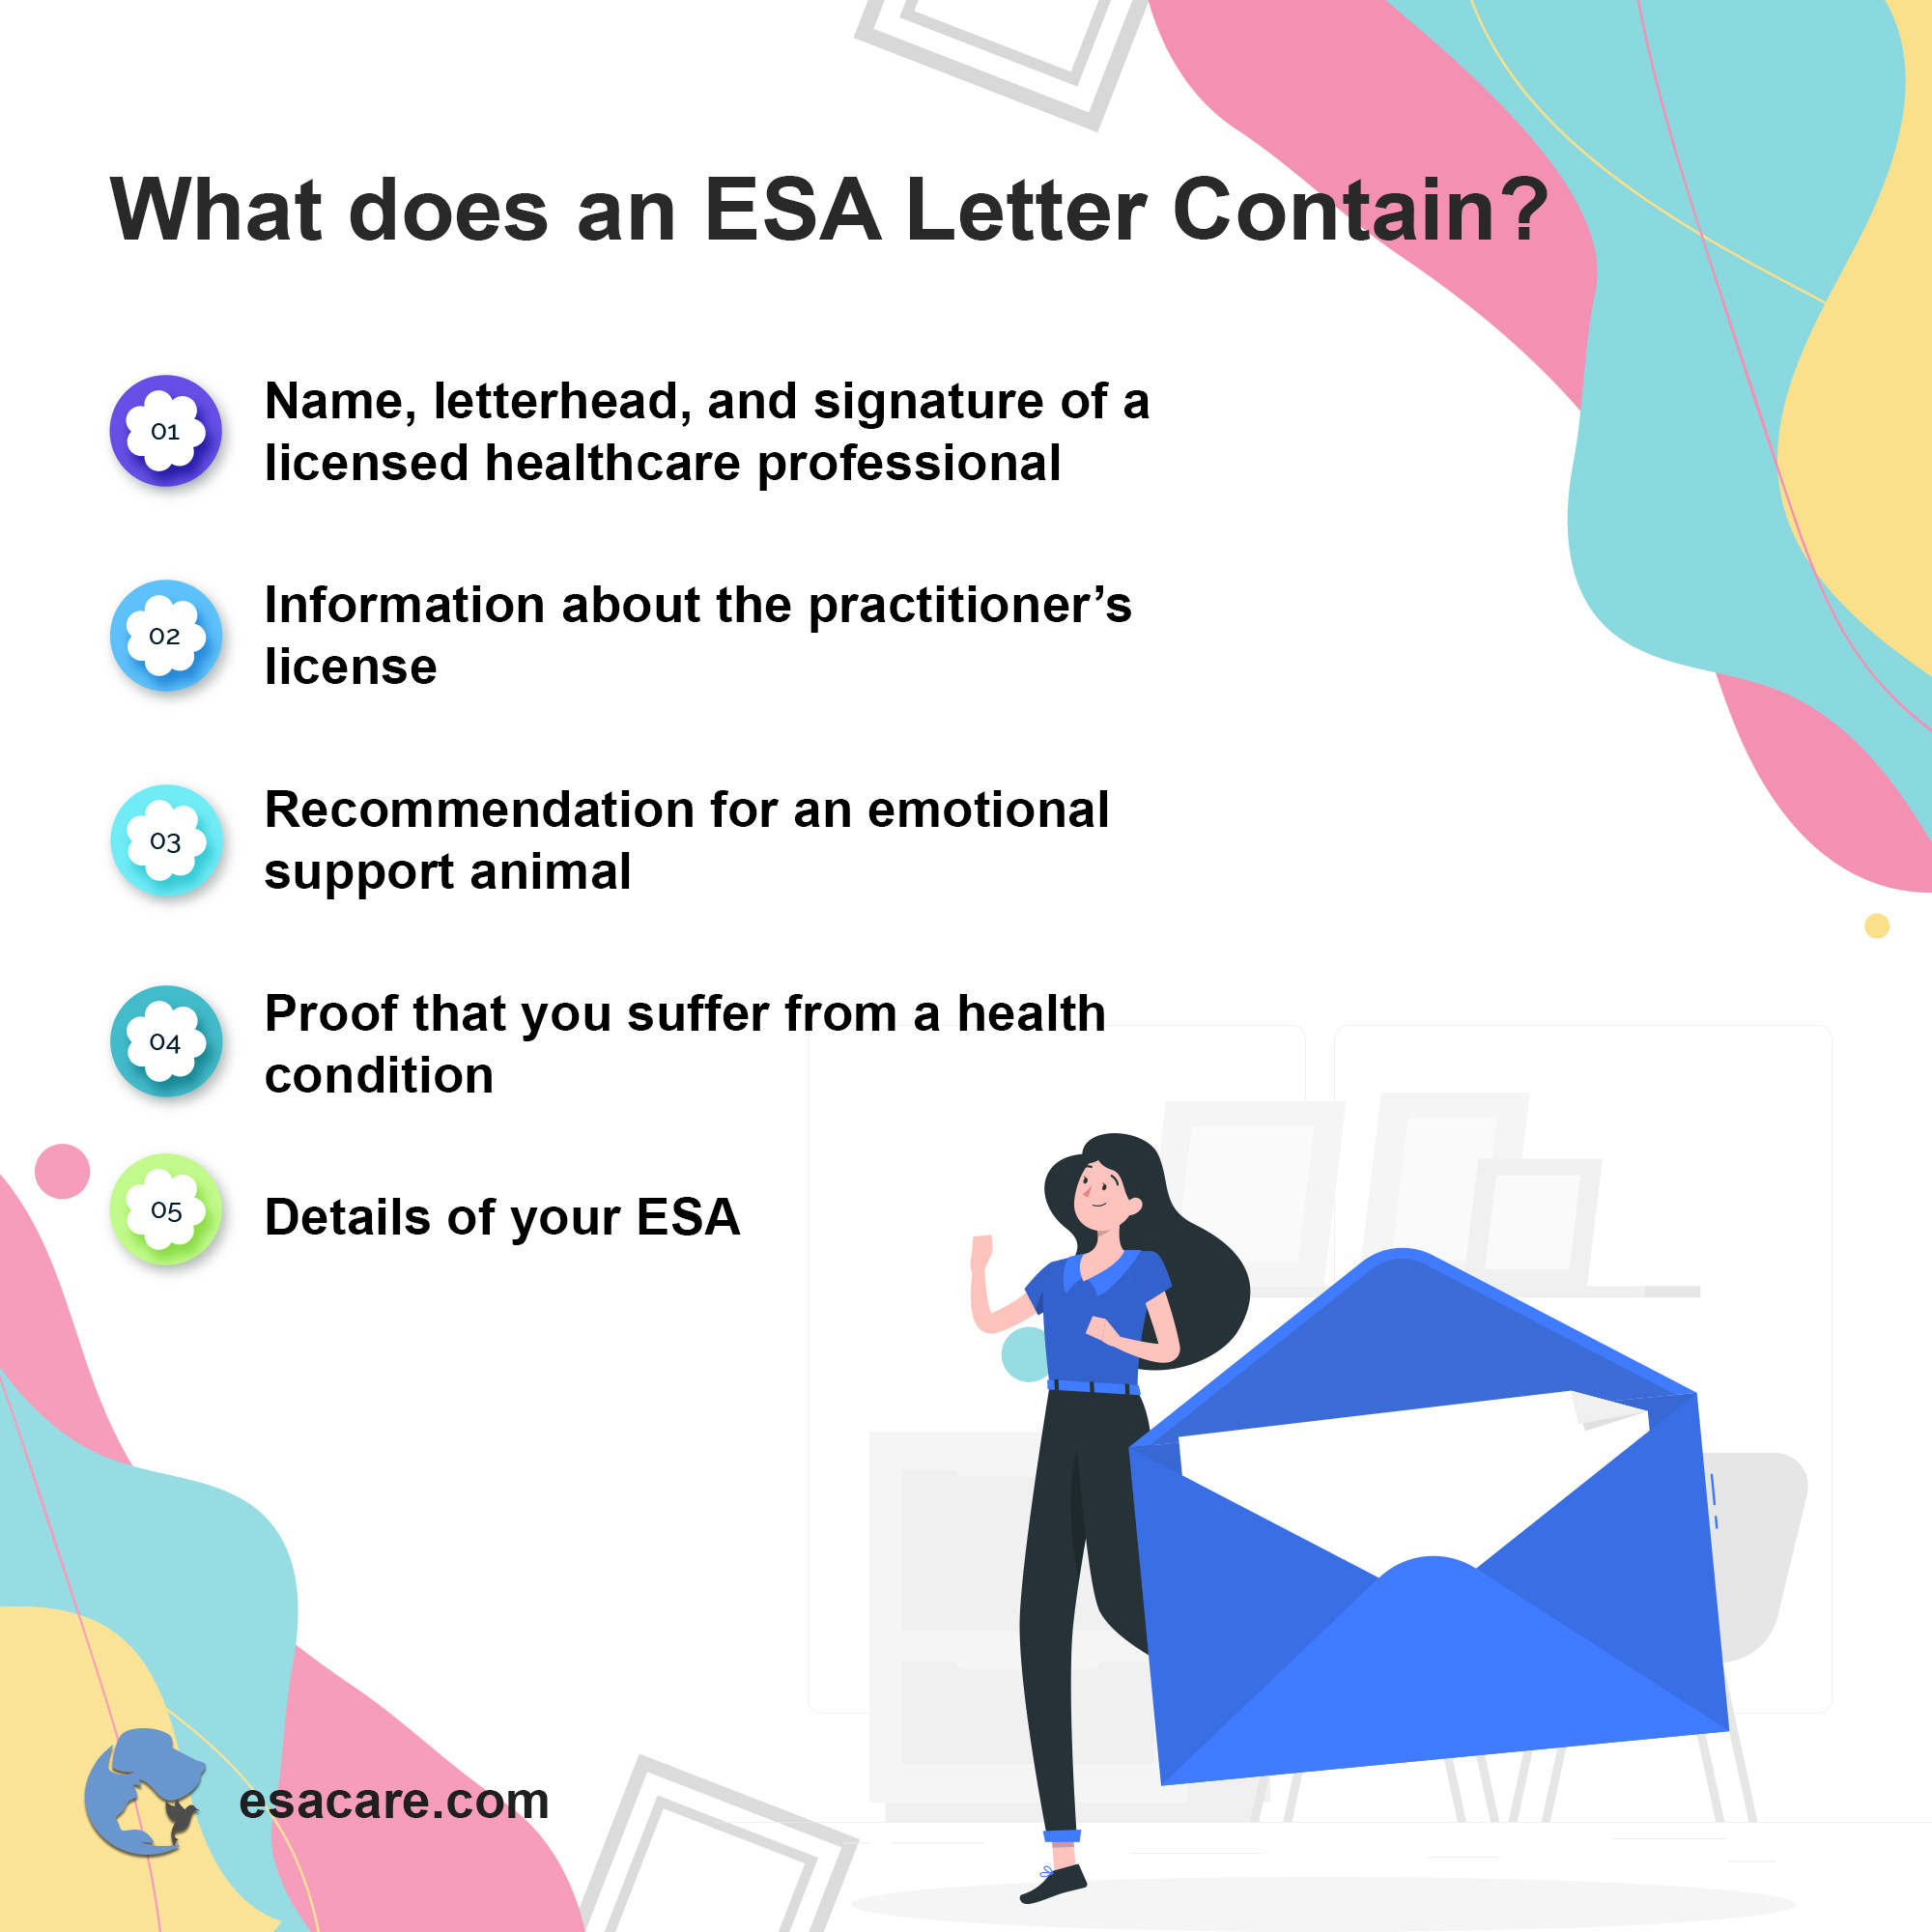 ESA letter information